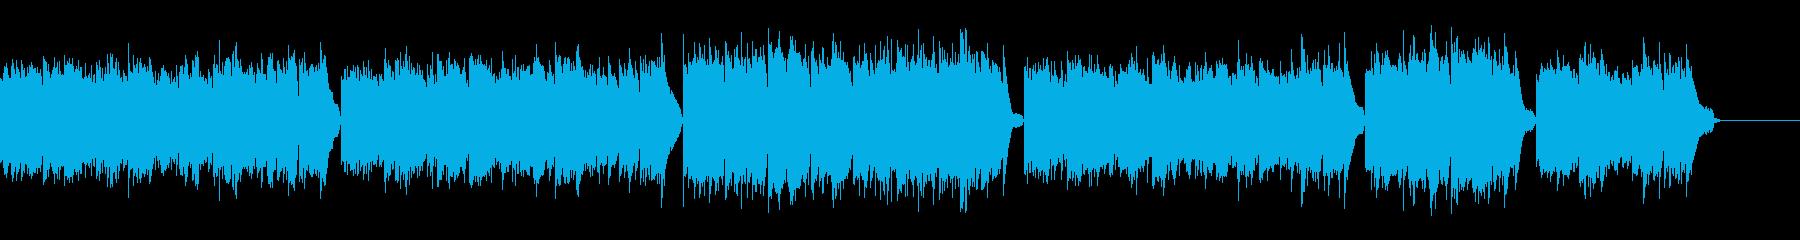 穏やかで暖かいピアノアルペジオ:ソロの再生済みの波形